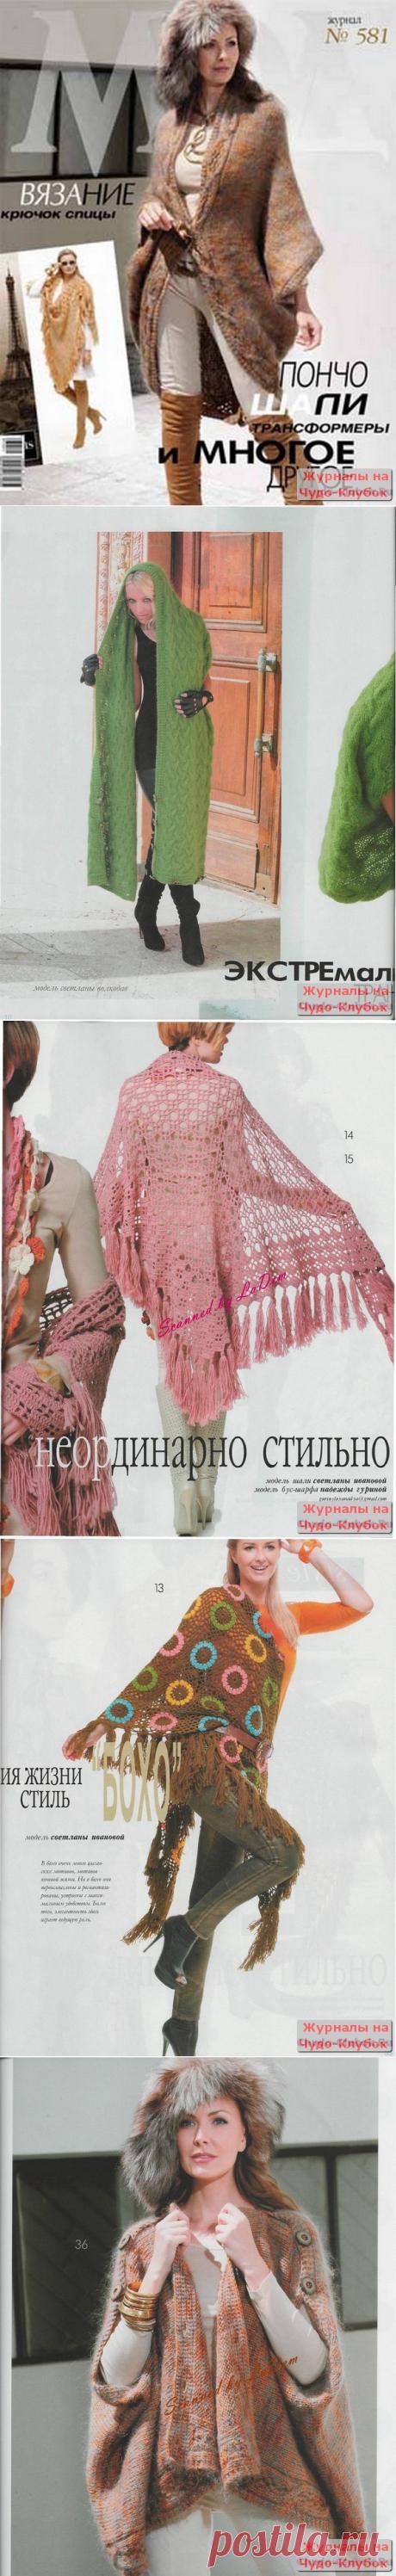 Журнал мод 581 2014 (пончо, шали, трансформеры) |